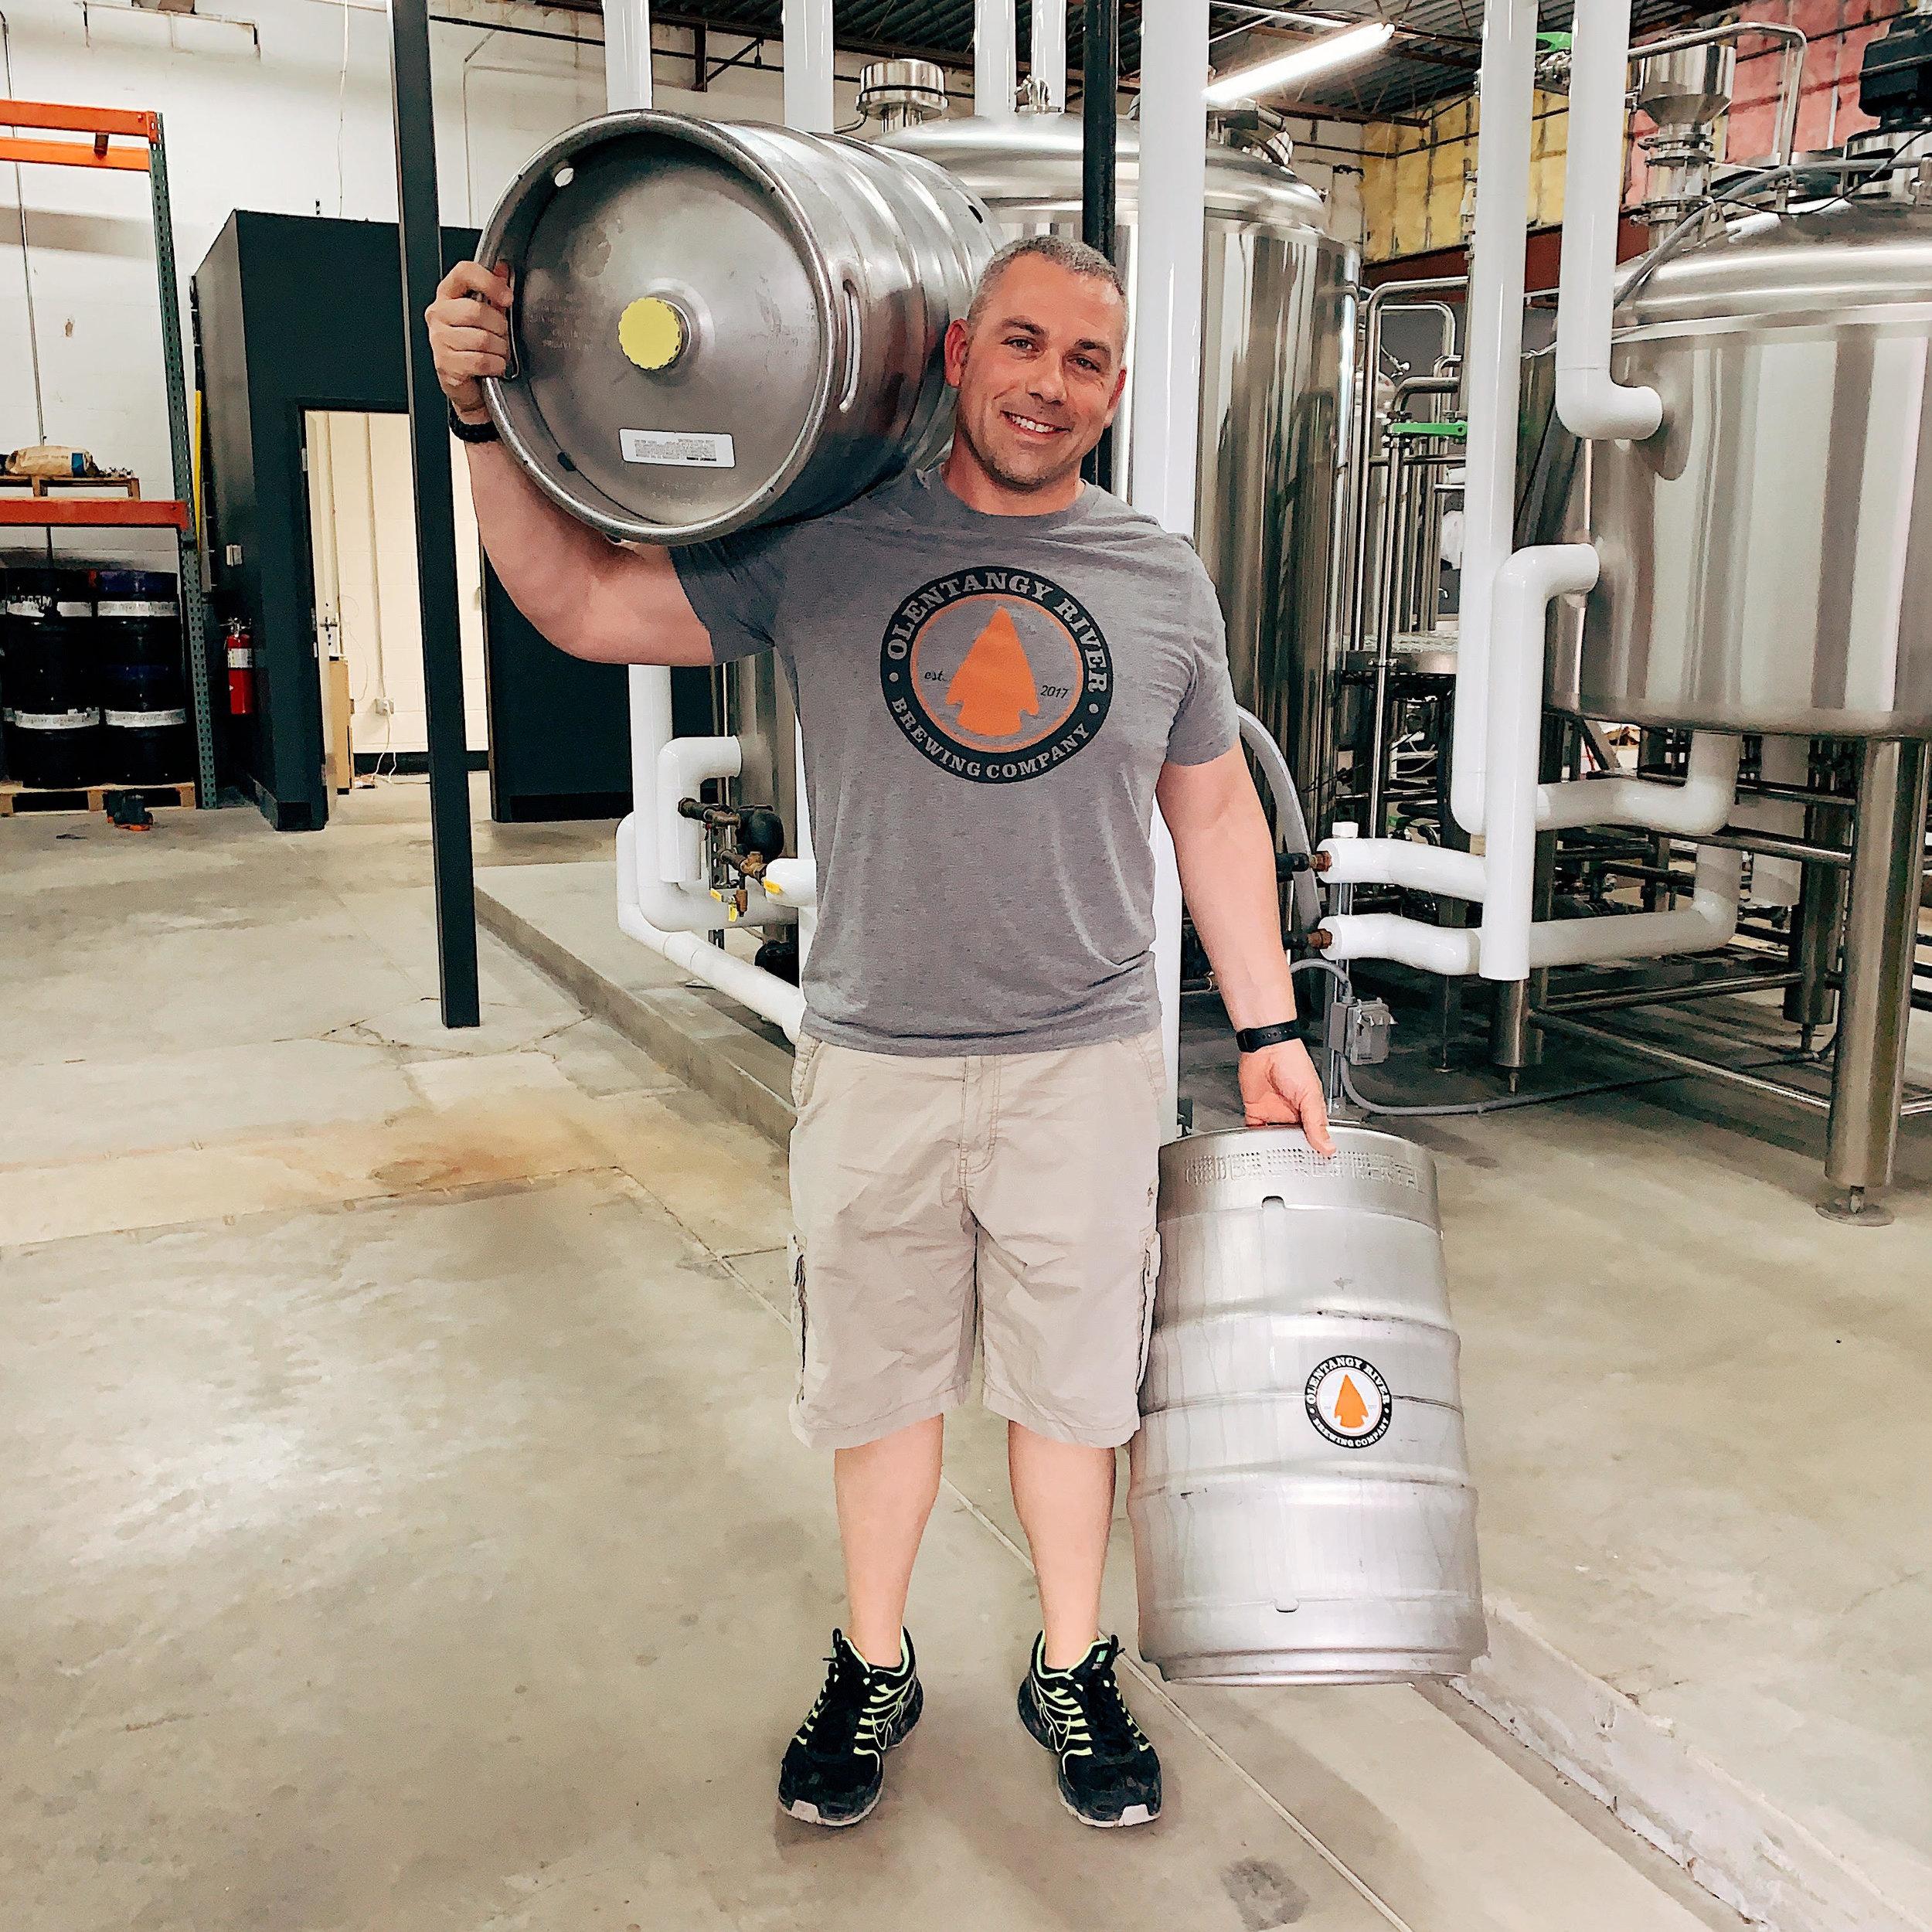 Josh - Brewer  Hometown - Celina, OH  Hobbies - Making Beer, Drinking Beer, Shooting skeet  Favorite Musician - Bob Marley